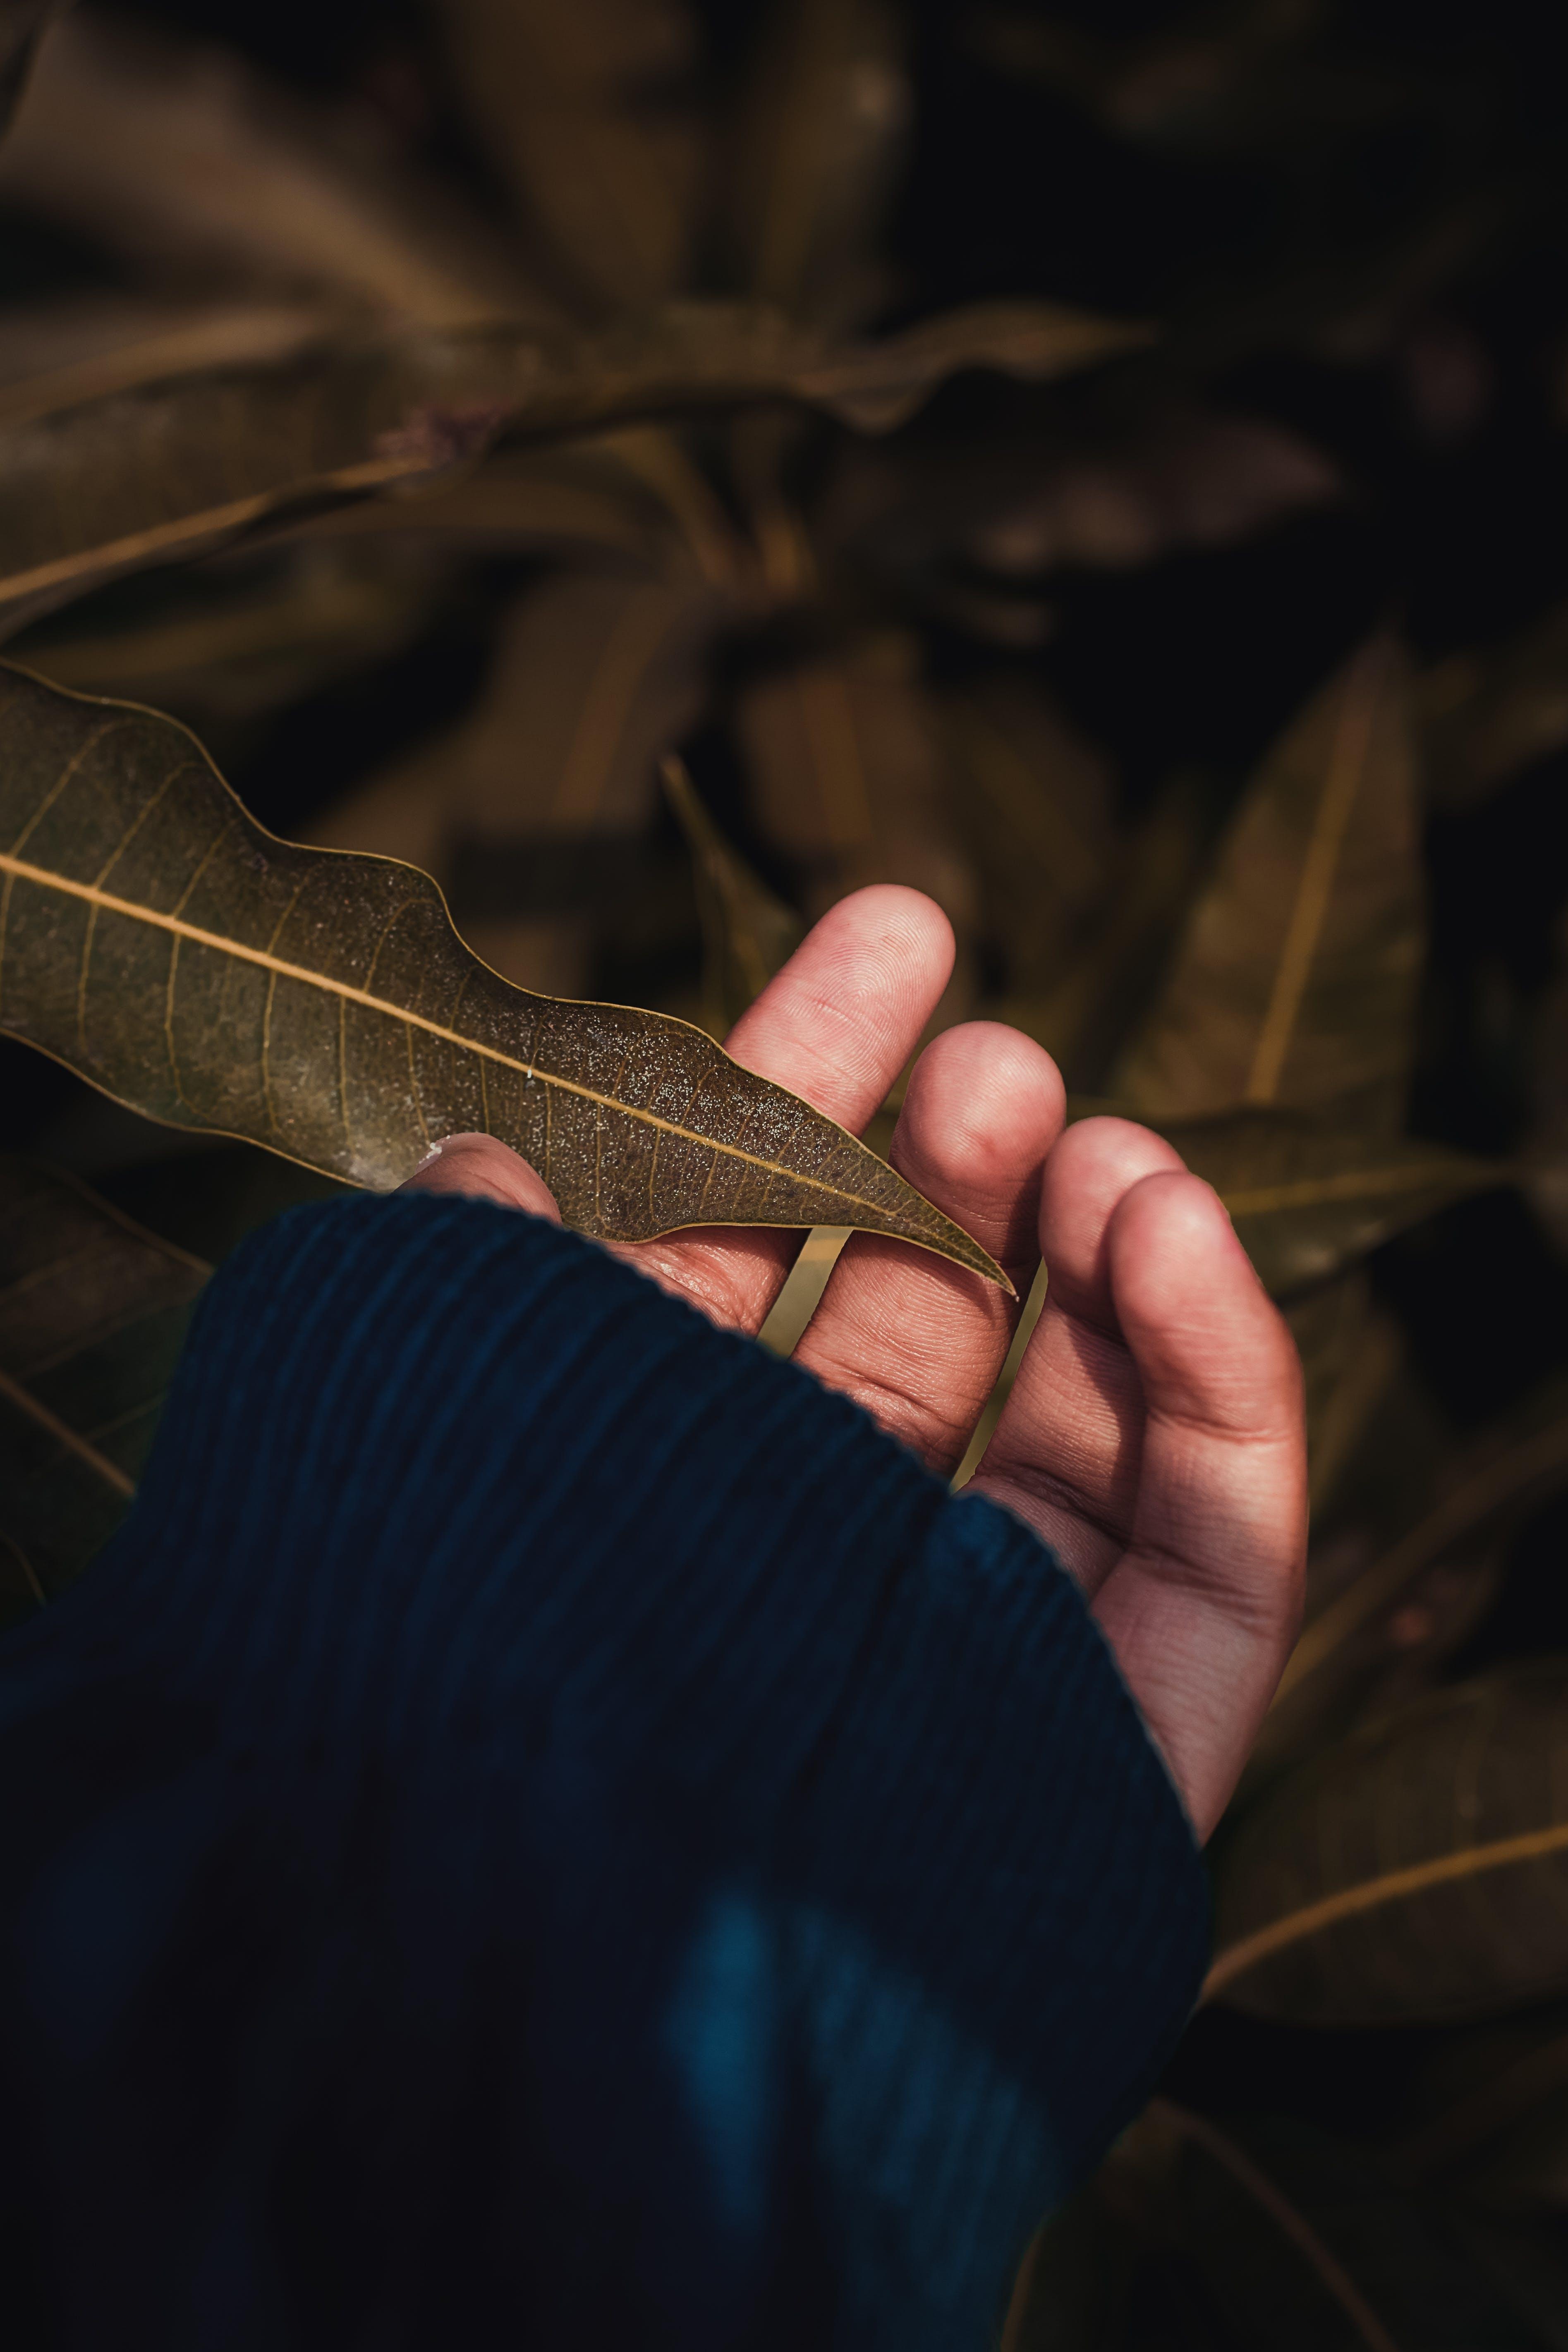 마른 나뭇잎, 매크로, 시맥, 이파리의 무료 스톡 사진